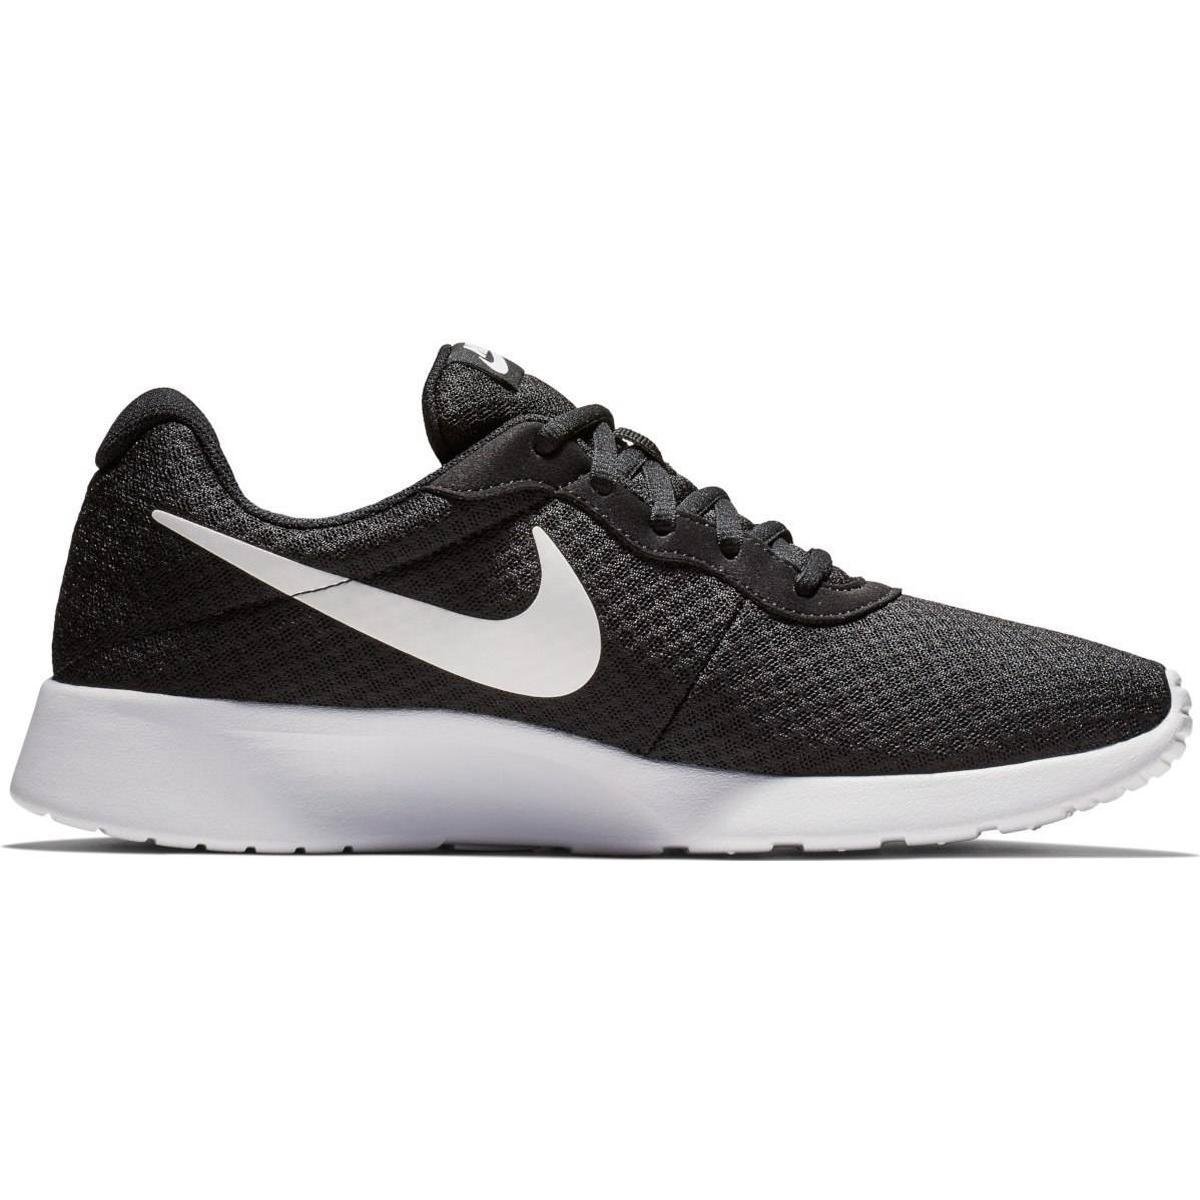 Nike tanjun hvid • Find den billigste pris hos PriceRunner nu »